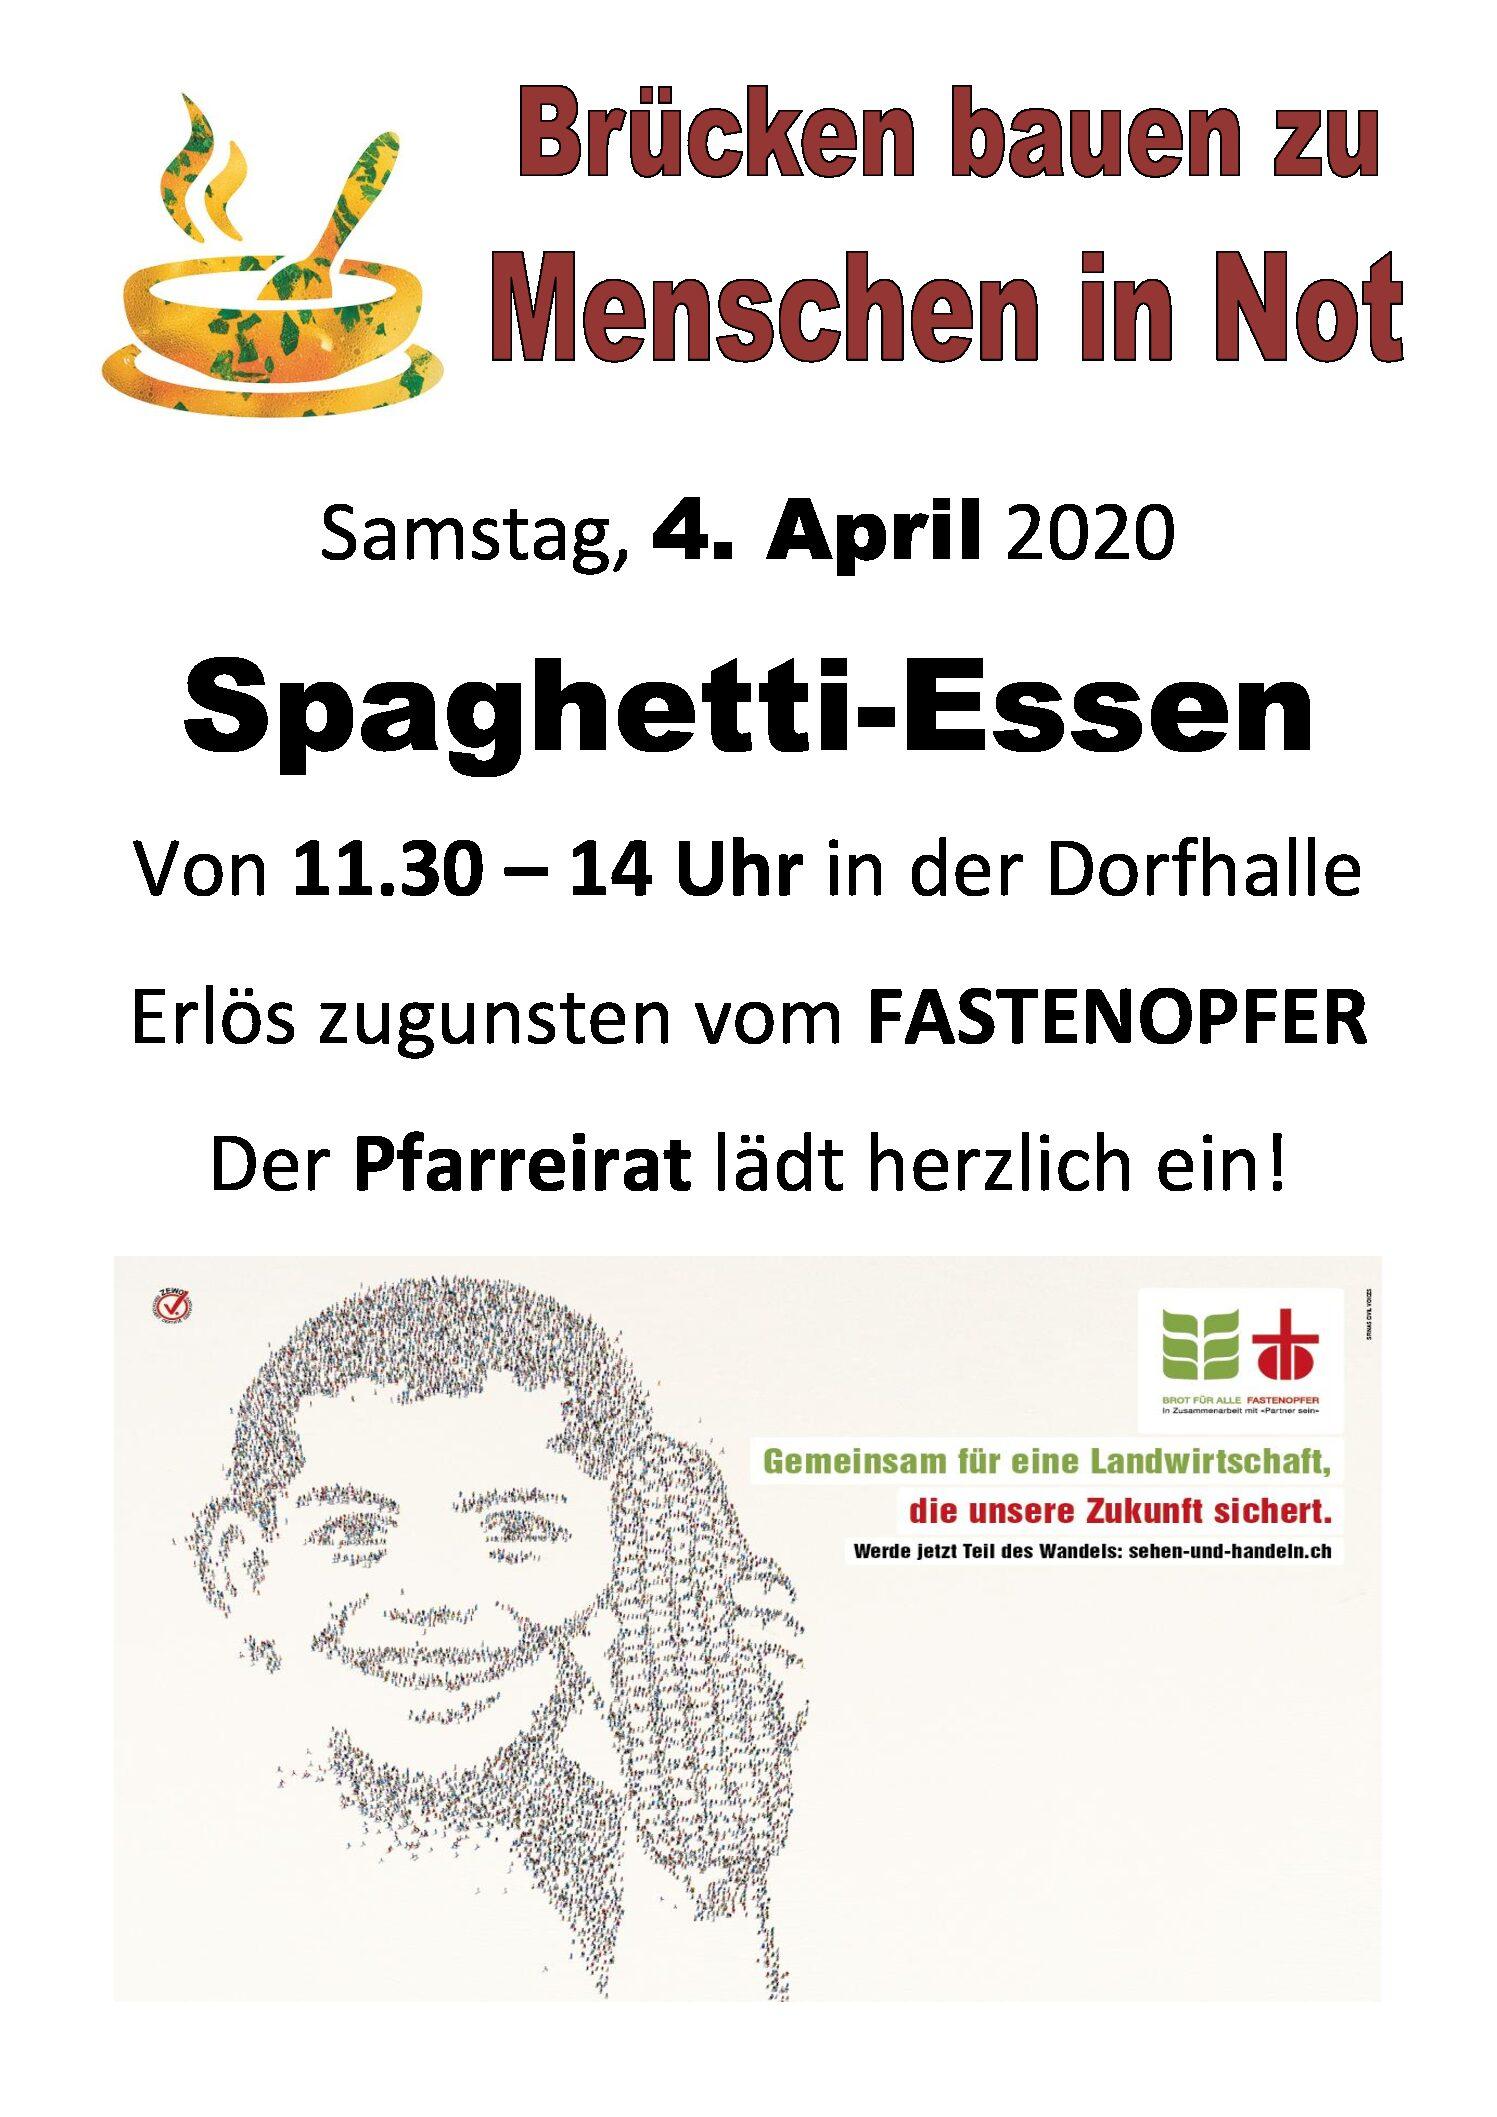 Spaghetti-Essen zu Gunsten Fastenopfer